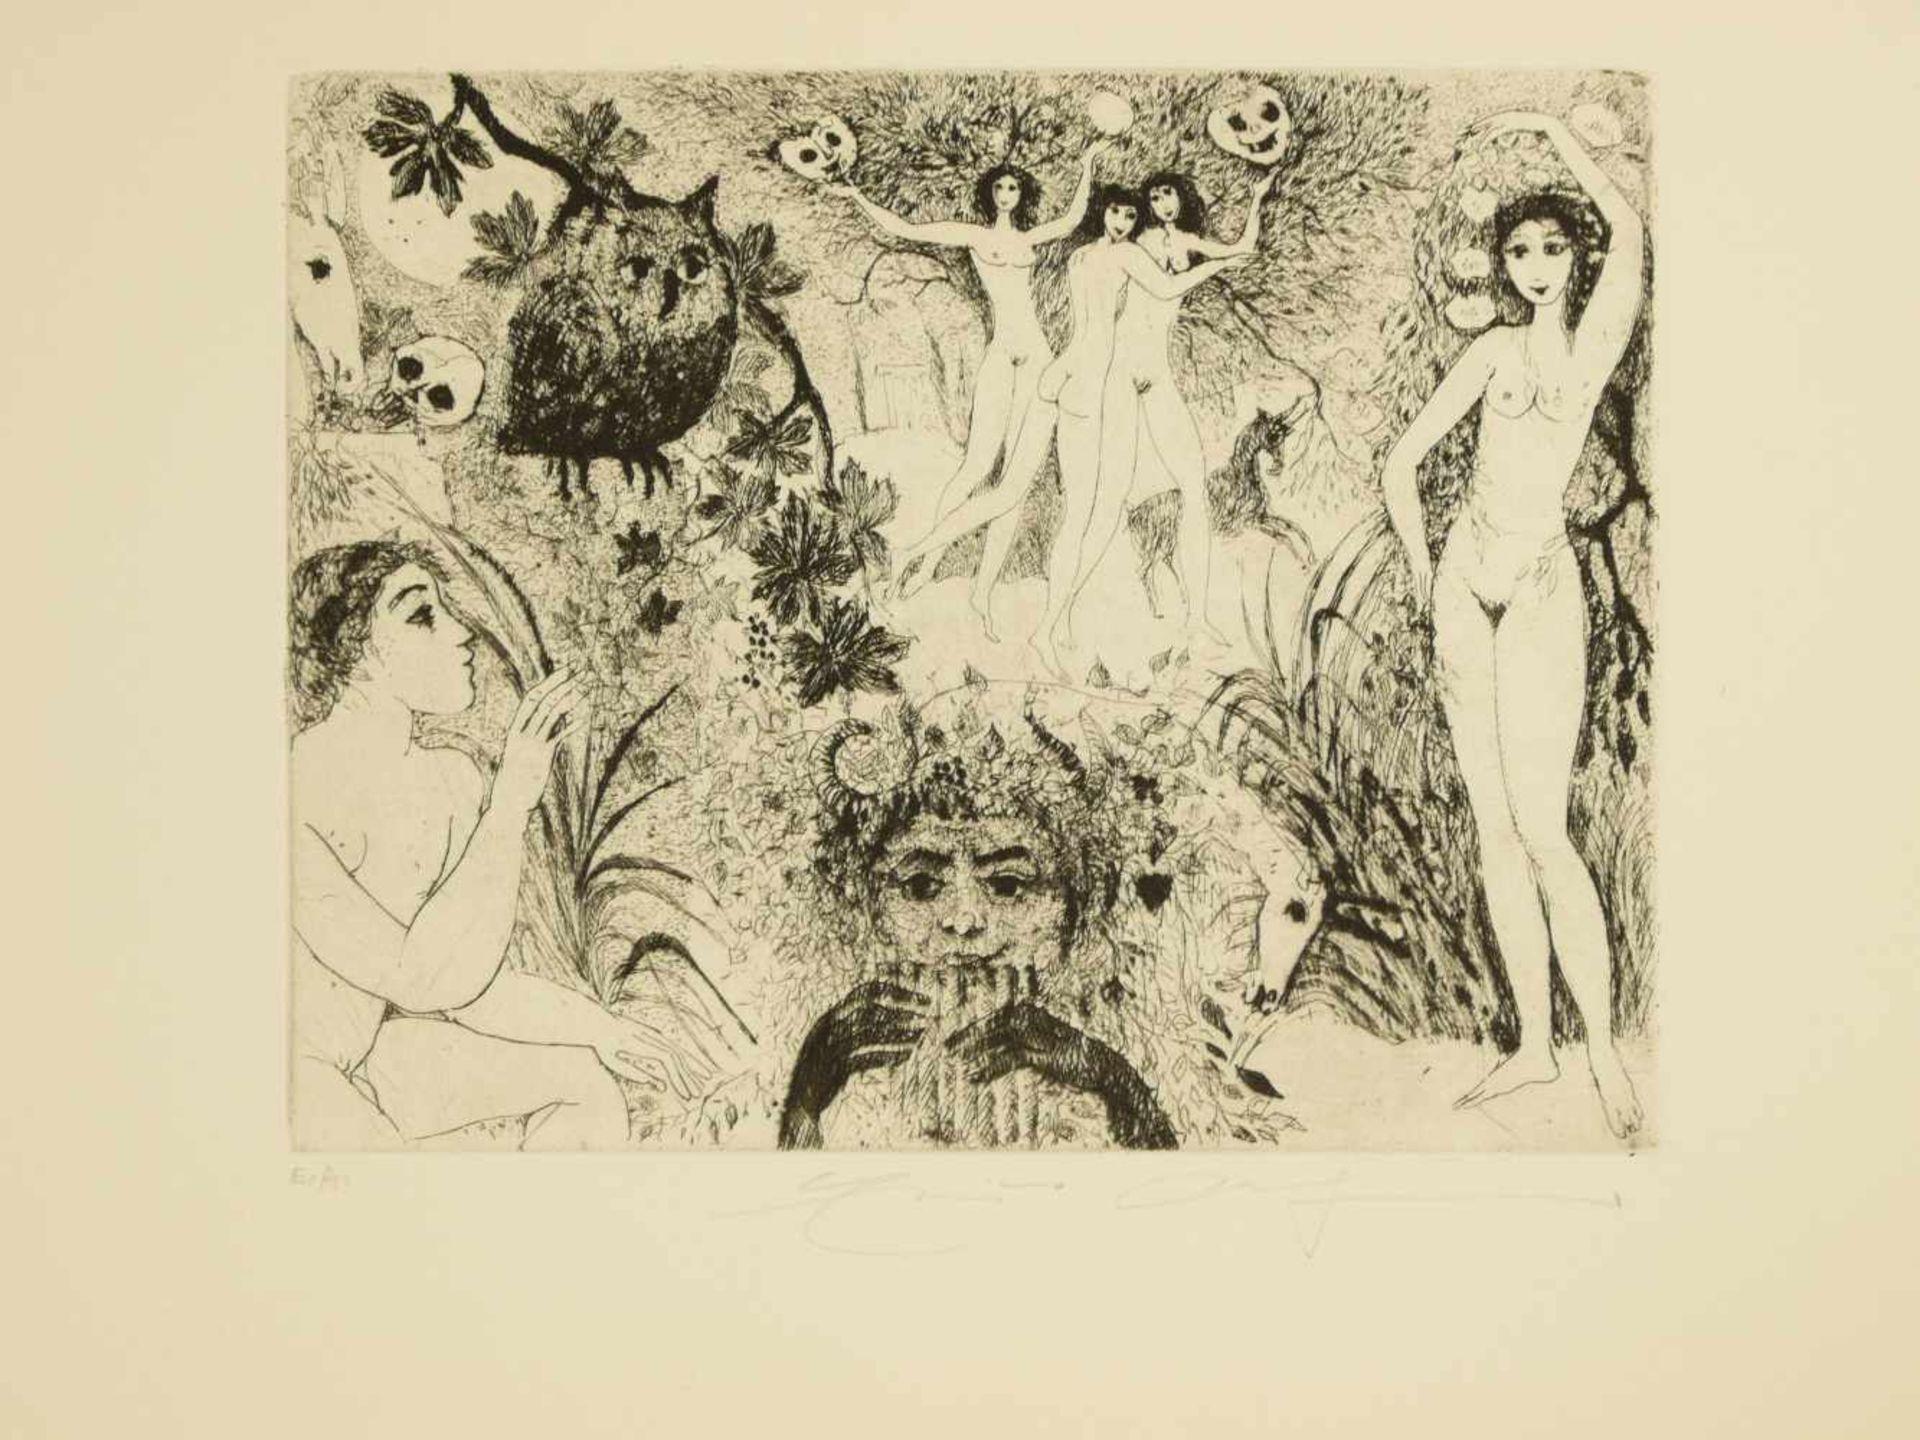 Los 45 - Weidenhaus, Elfriede (1931) - Sammlung von 10 RadierungenZehn wunderbare, im surrealistischen Stil